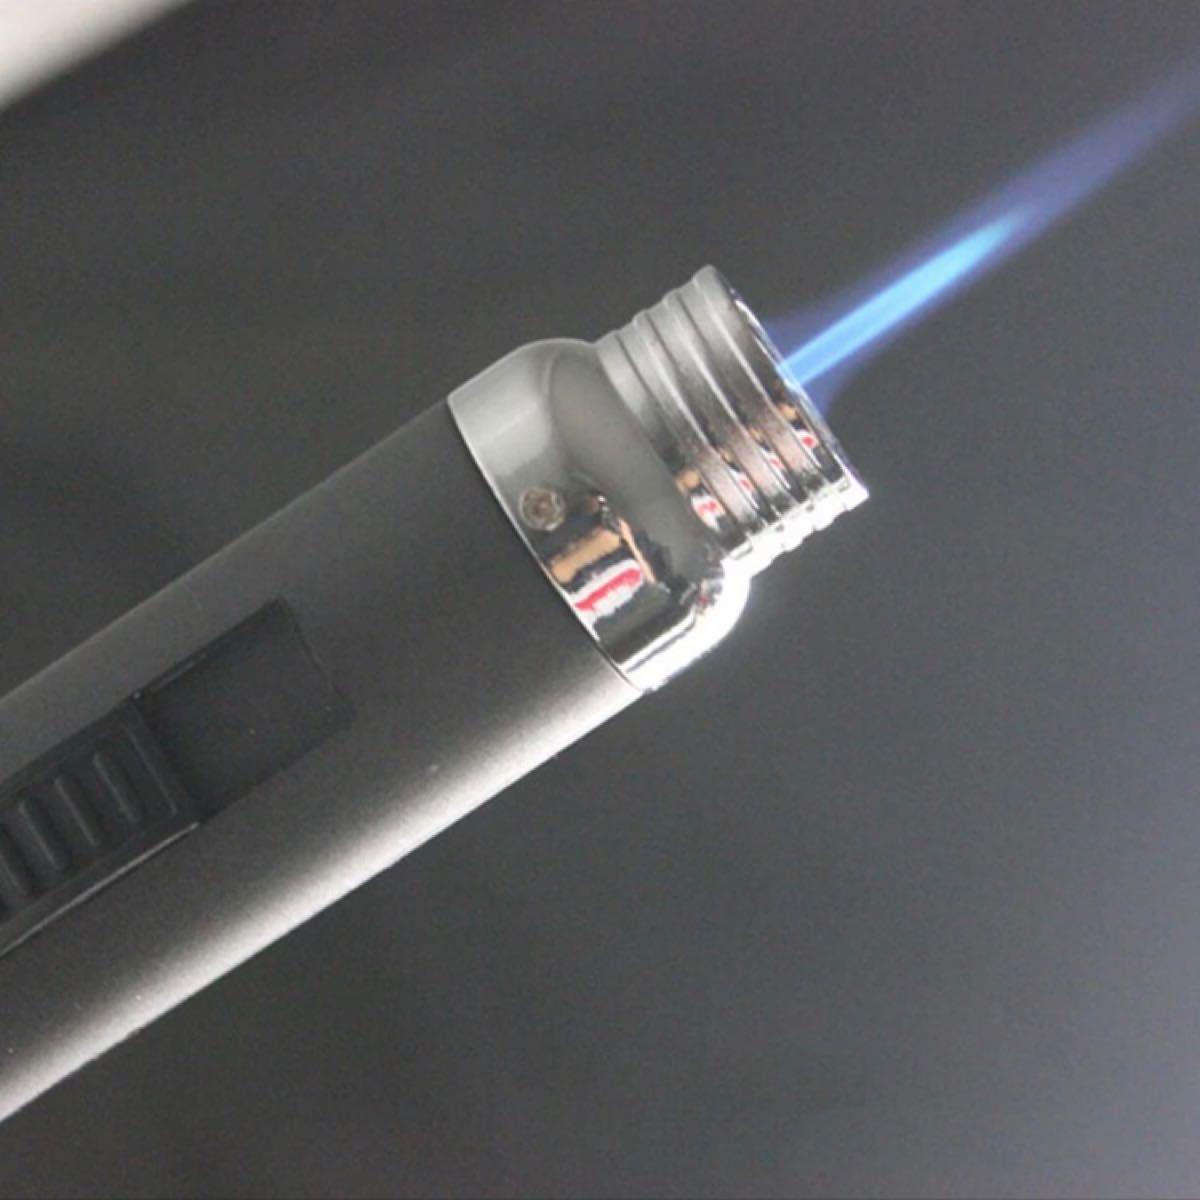 ガスペンバーナー 1300度トーチ 簡単溶接もできる ポケットキャンプライター